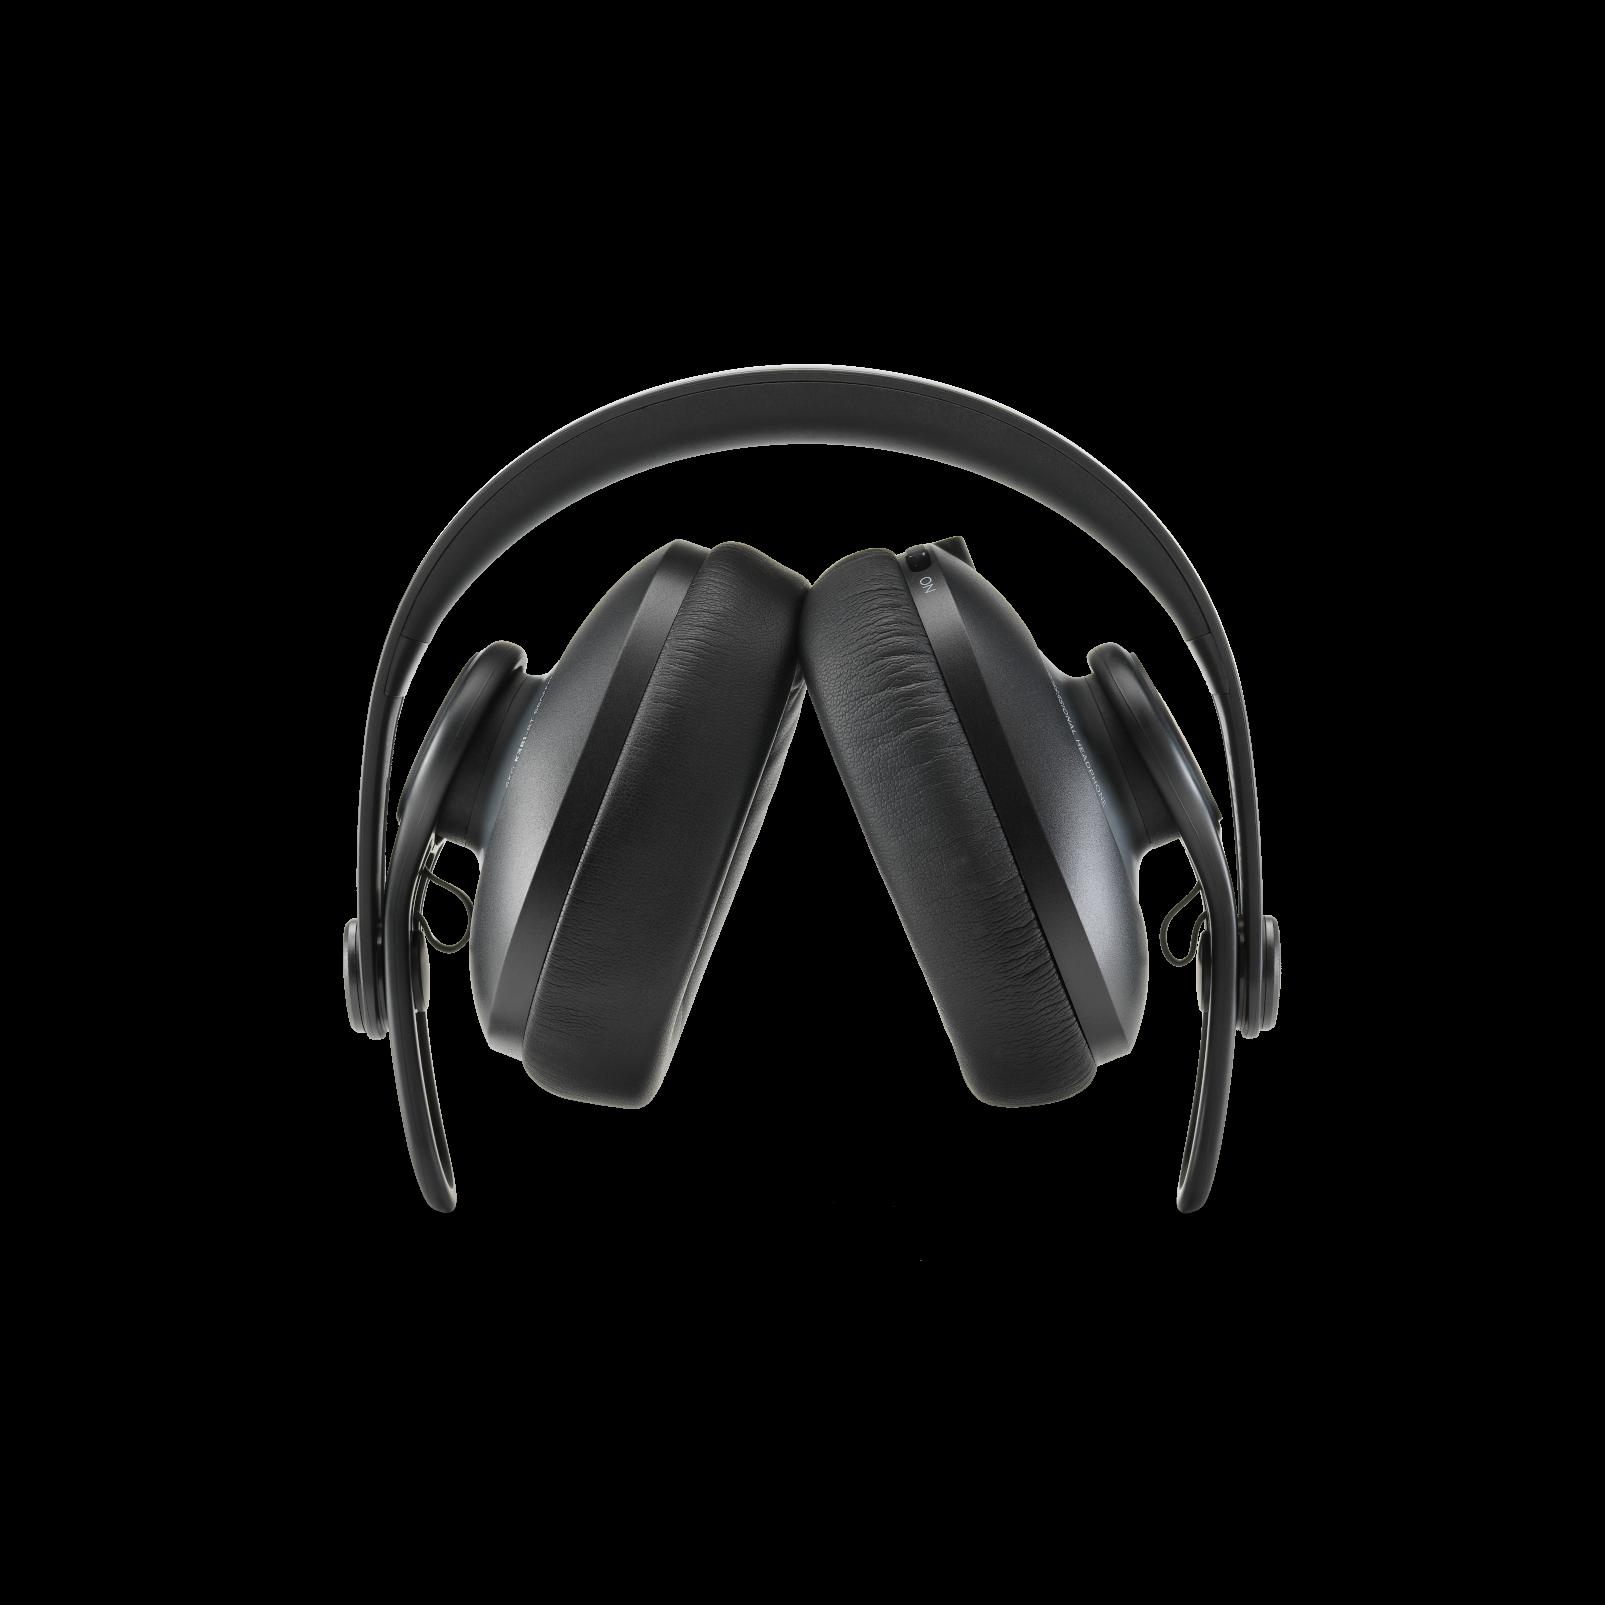 K361-BT - Black - Over-ear, closed-back, foldable studio headphones with Bluetooth - Detailshot 1